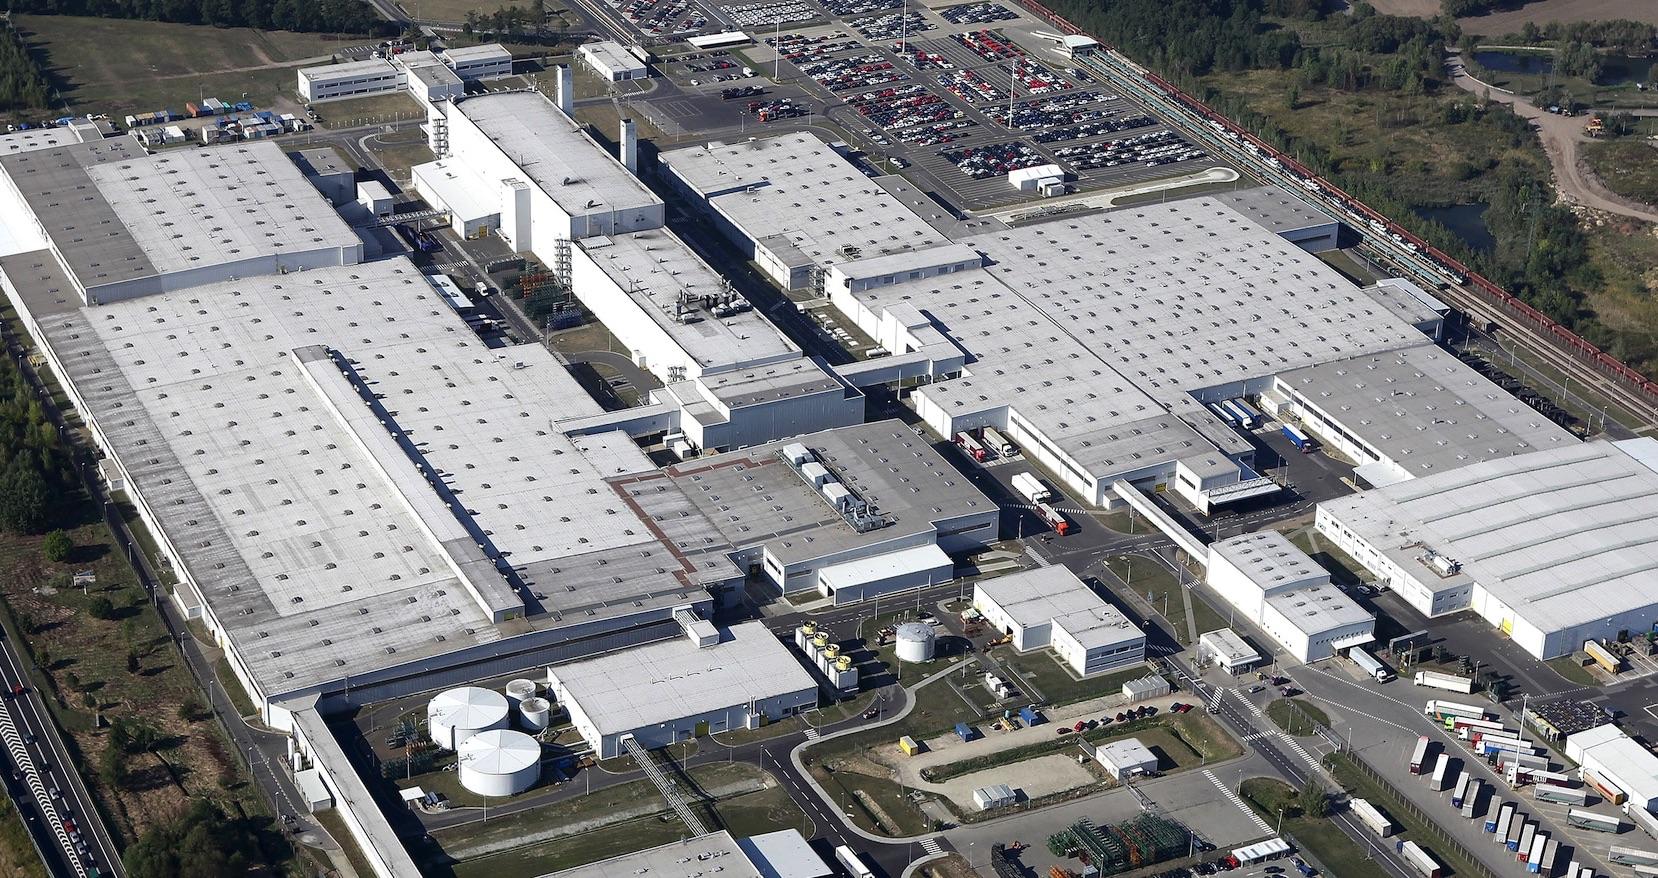 Silniki Opla będą produkowane w Tychach